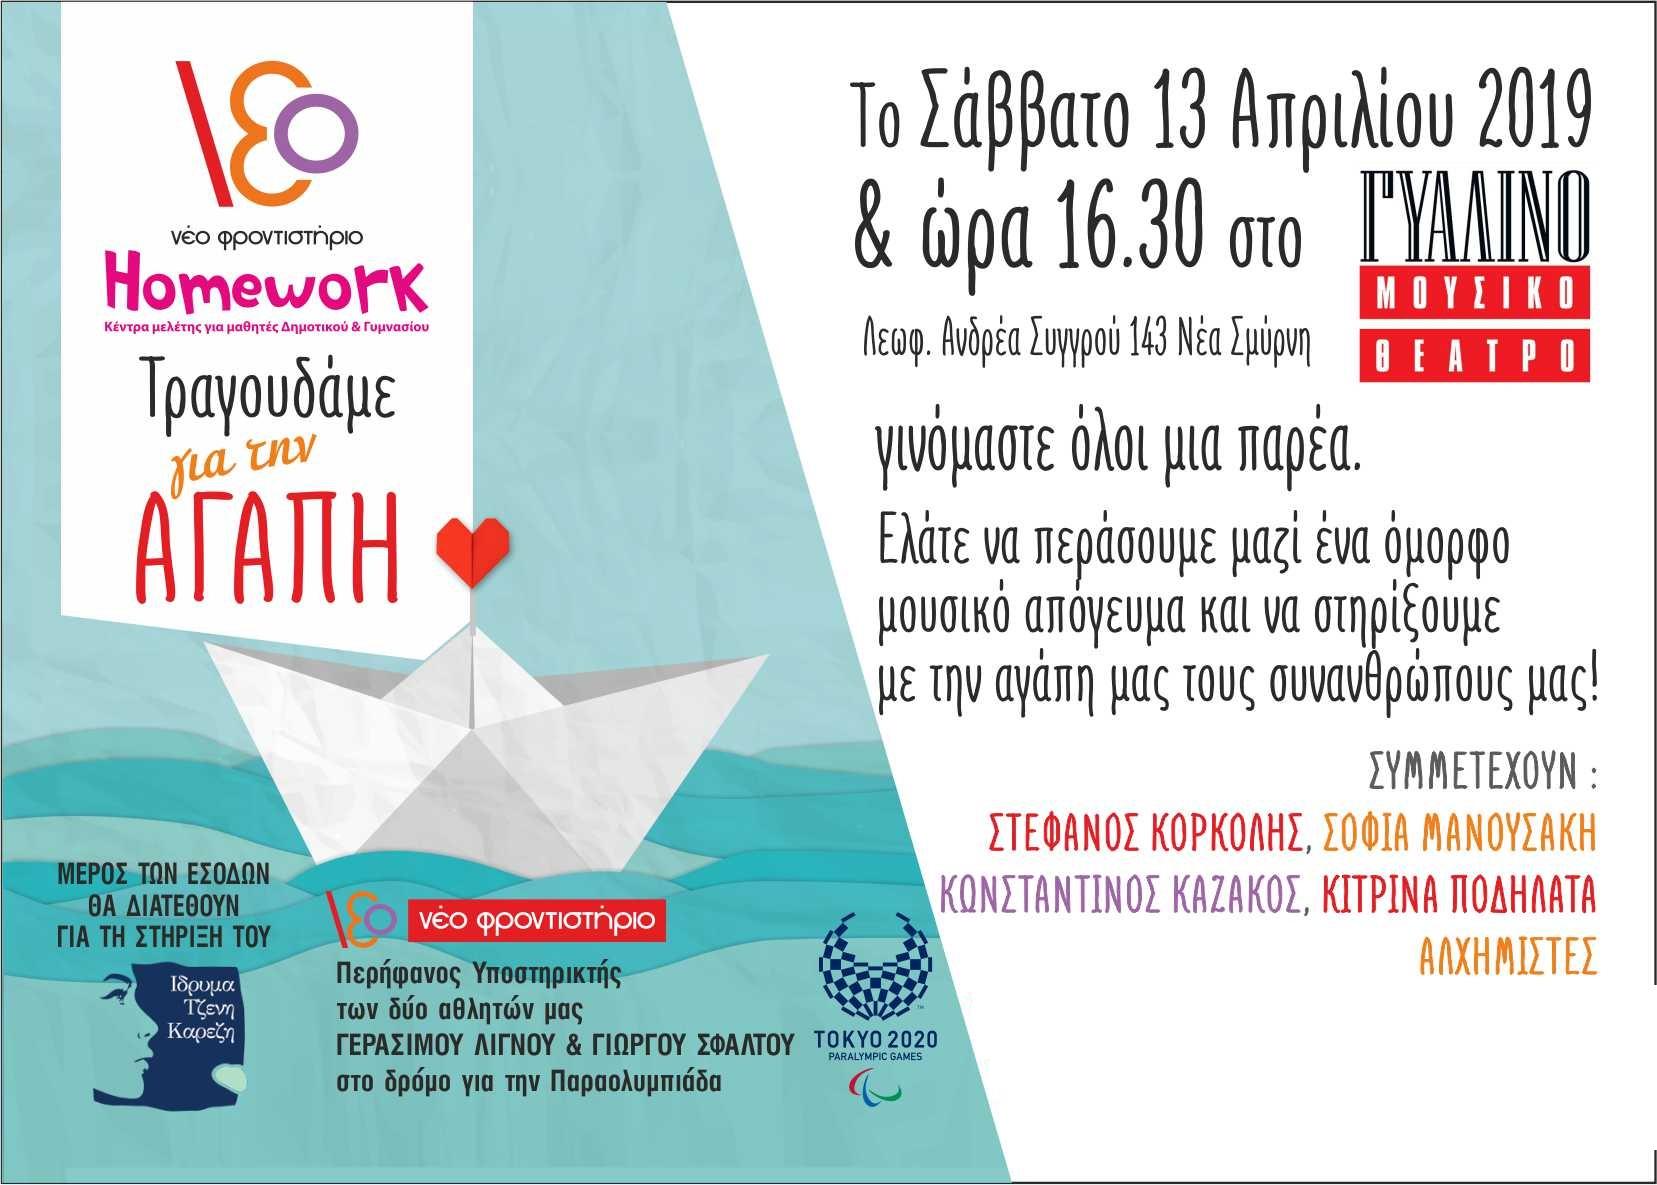 58b22c41639 Τραγουδάμε για την Αγάπη στο Γυάλινο Μουσικό Θέατρο   Ologramma